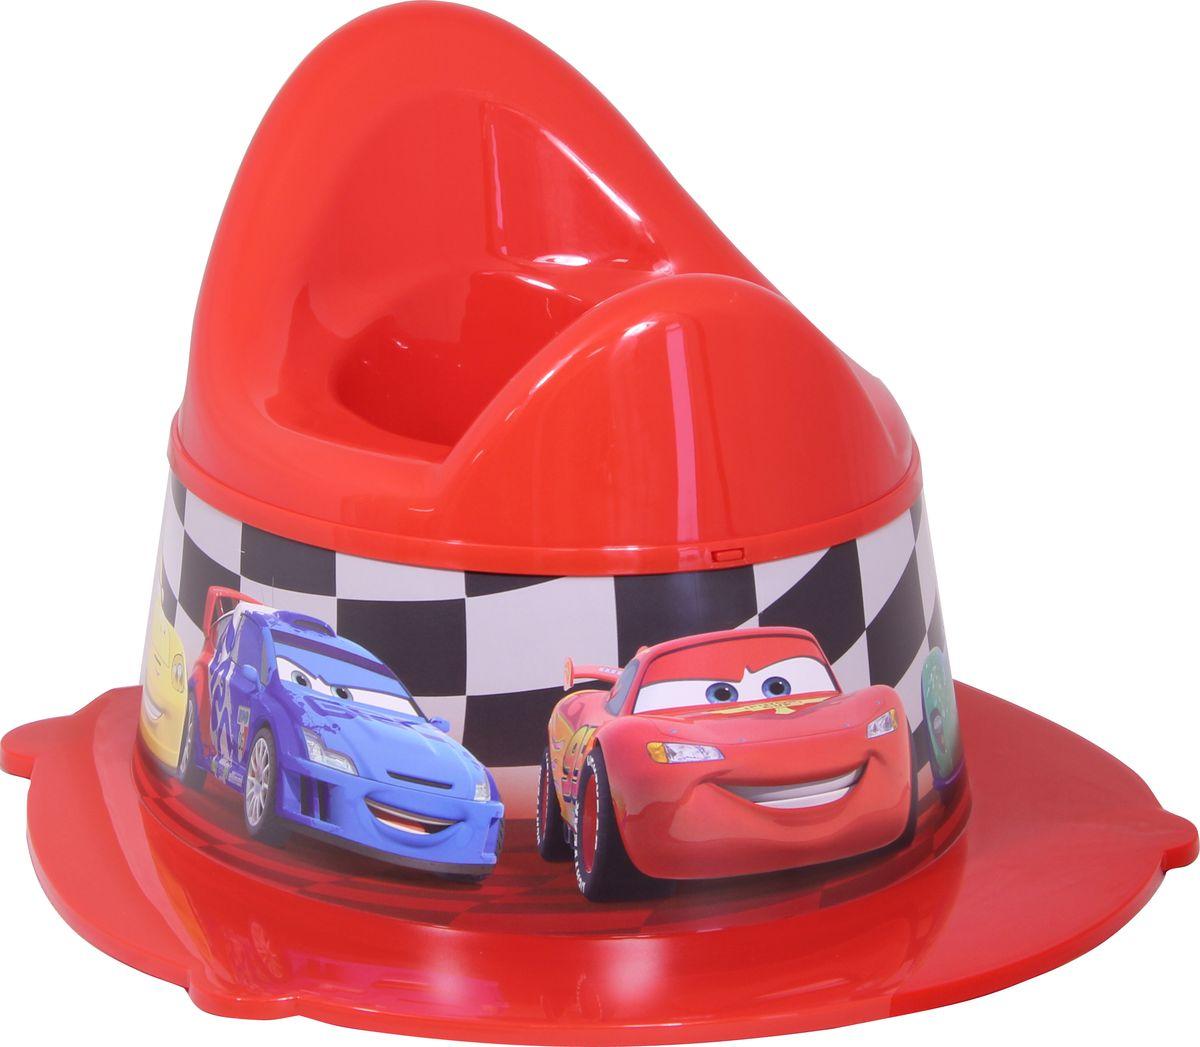 Disney Горшок детский Деко цвет красный